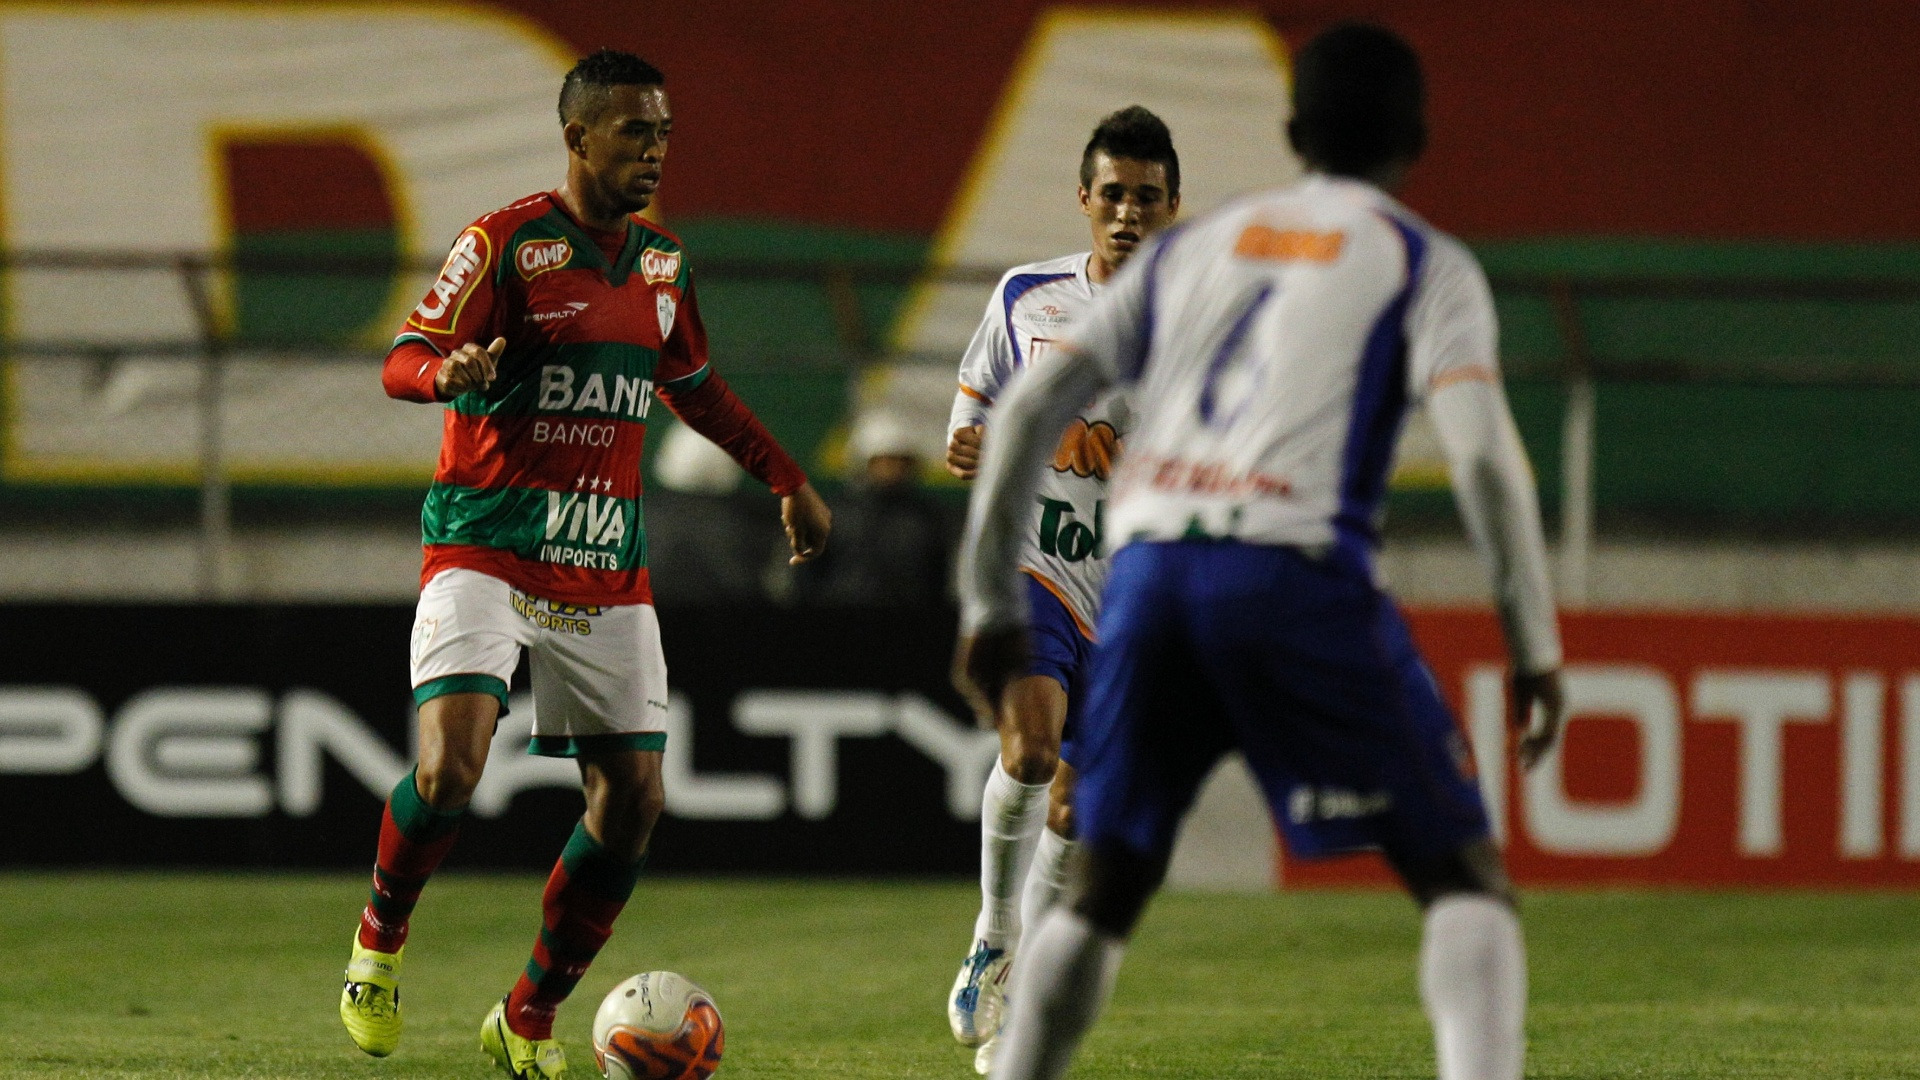 A Portuguesa goleou o Duque de Caxias por 4 a 0 no Canindé, pela 37ª rodada da Série B do Campeonato Brasileiro